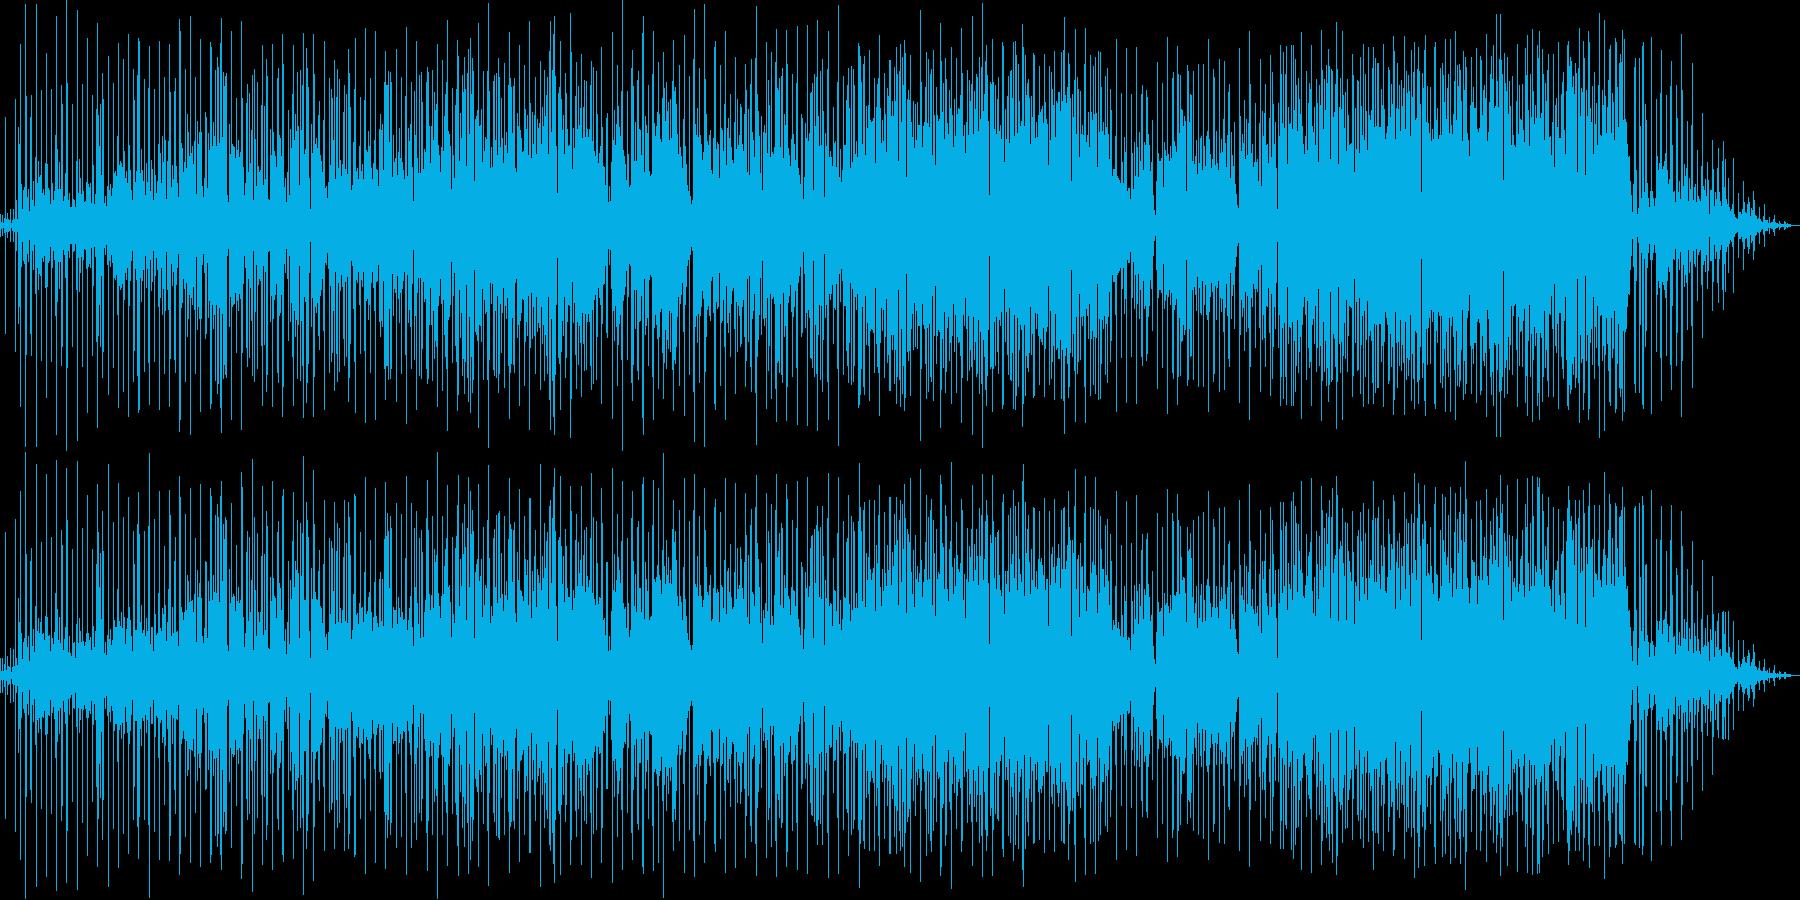 夏・海にピッタリ!ポップな日常系BGMの再生済みの波形